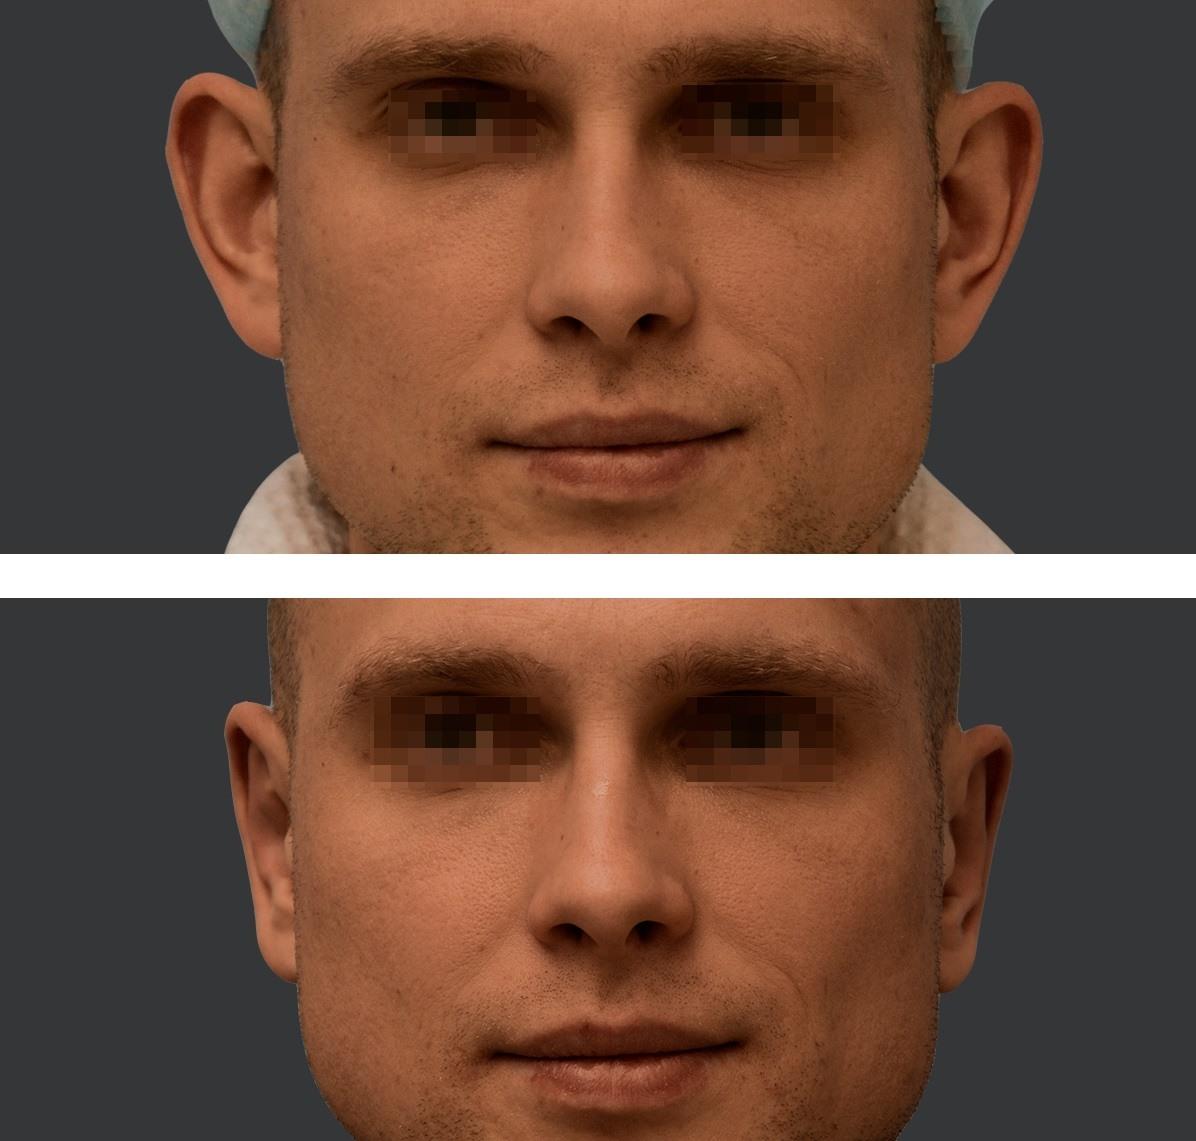 Efekt zabiegu odstających uszu trzeci